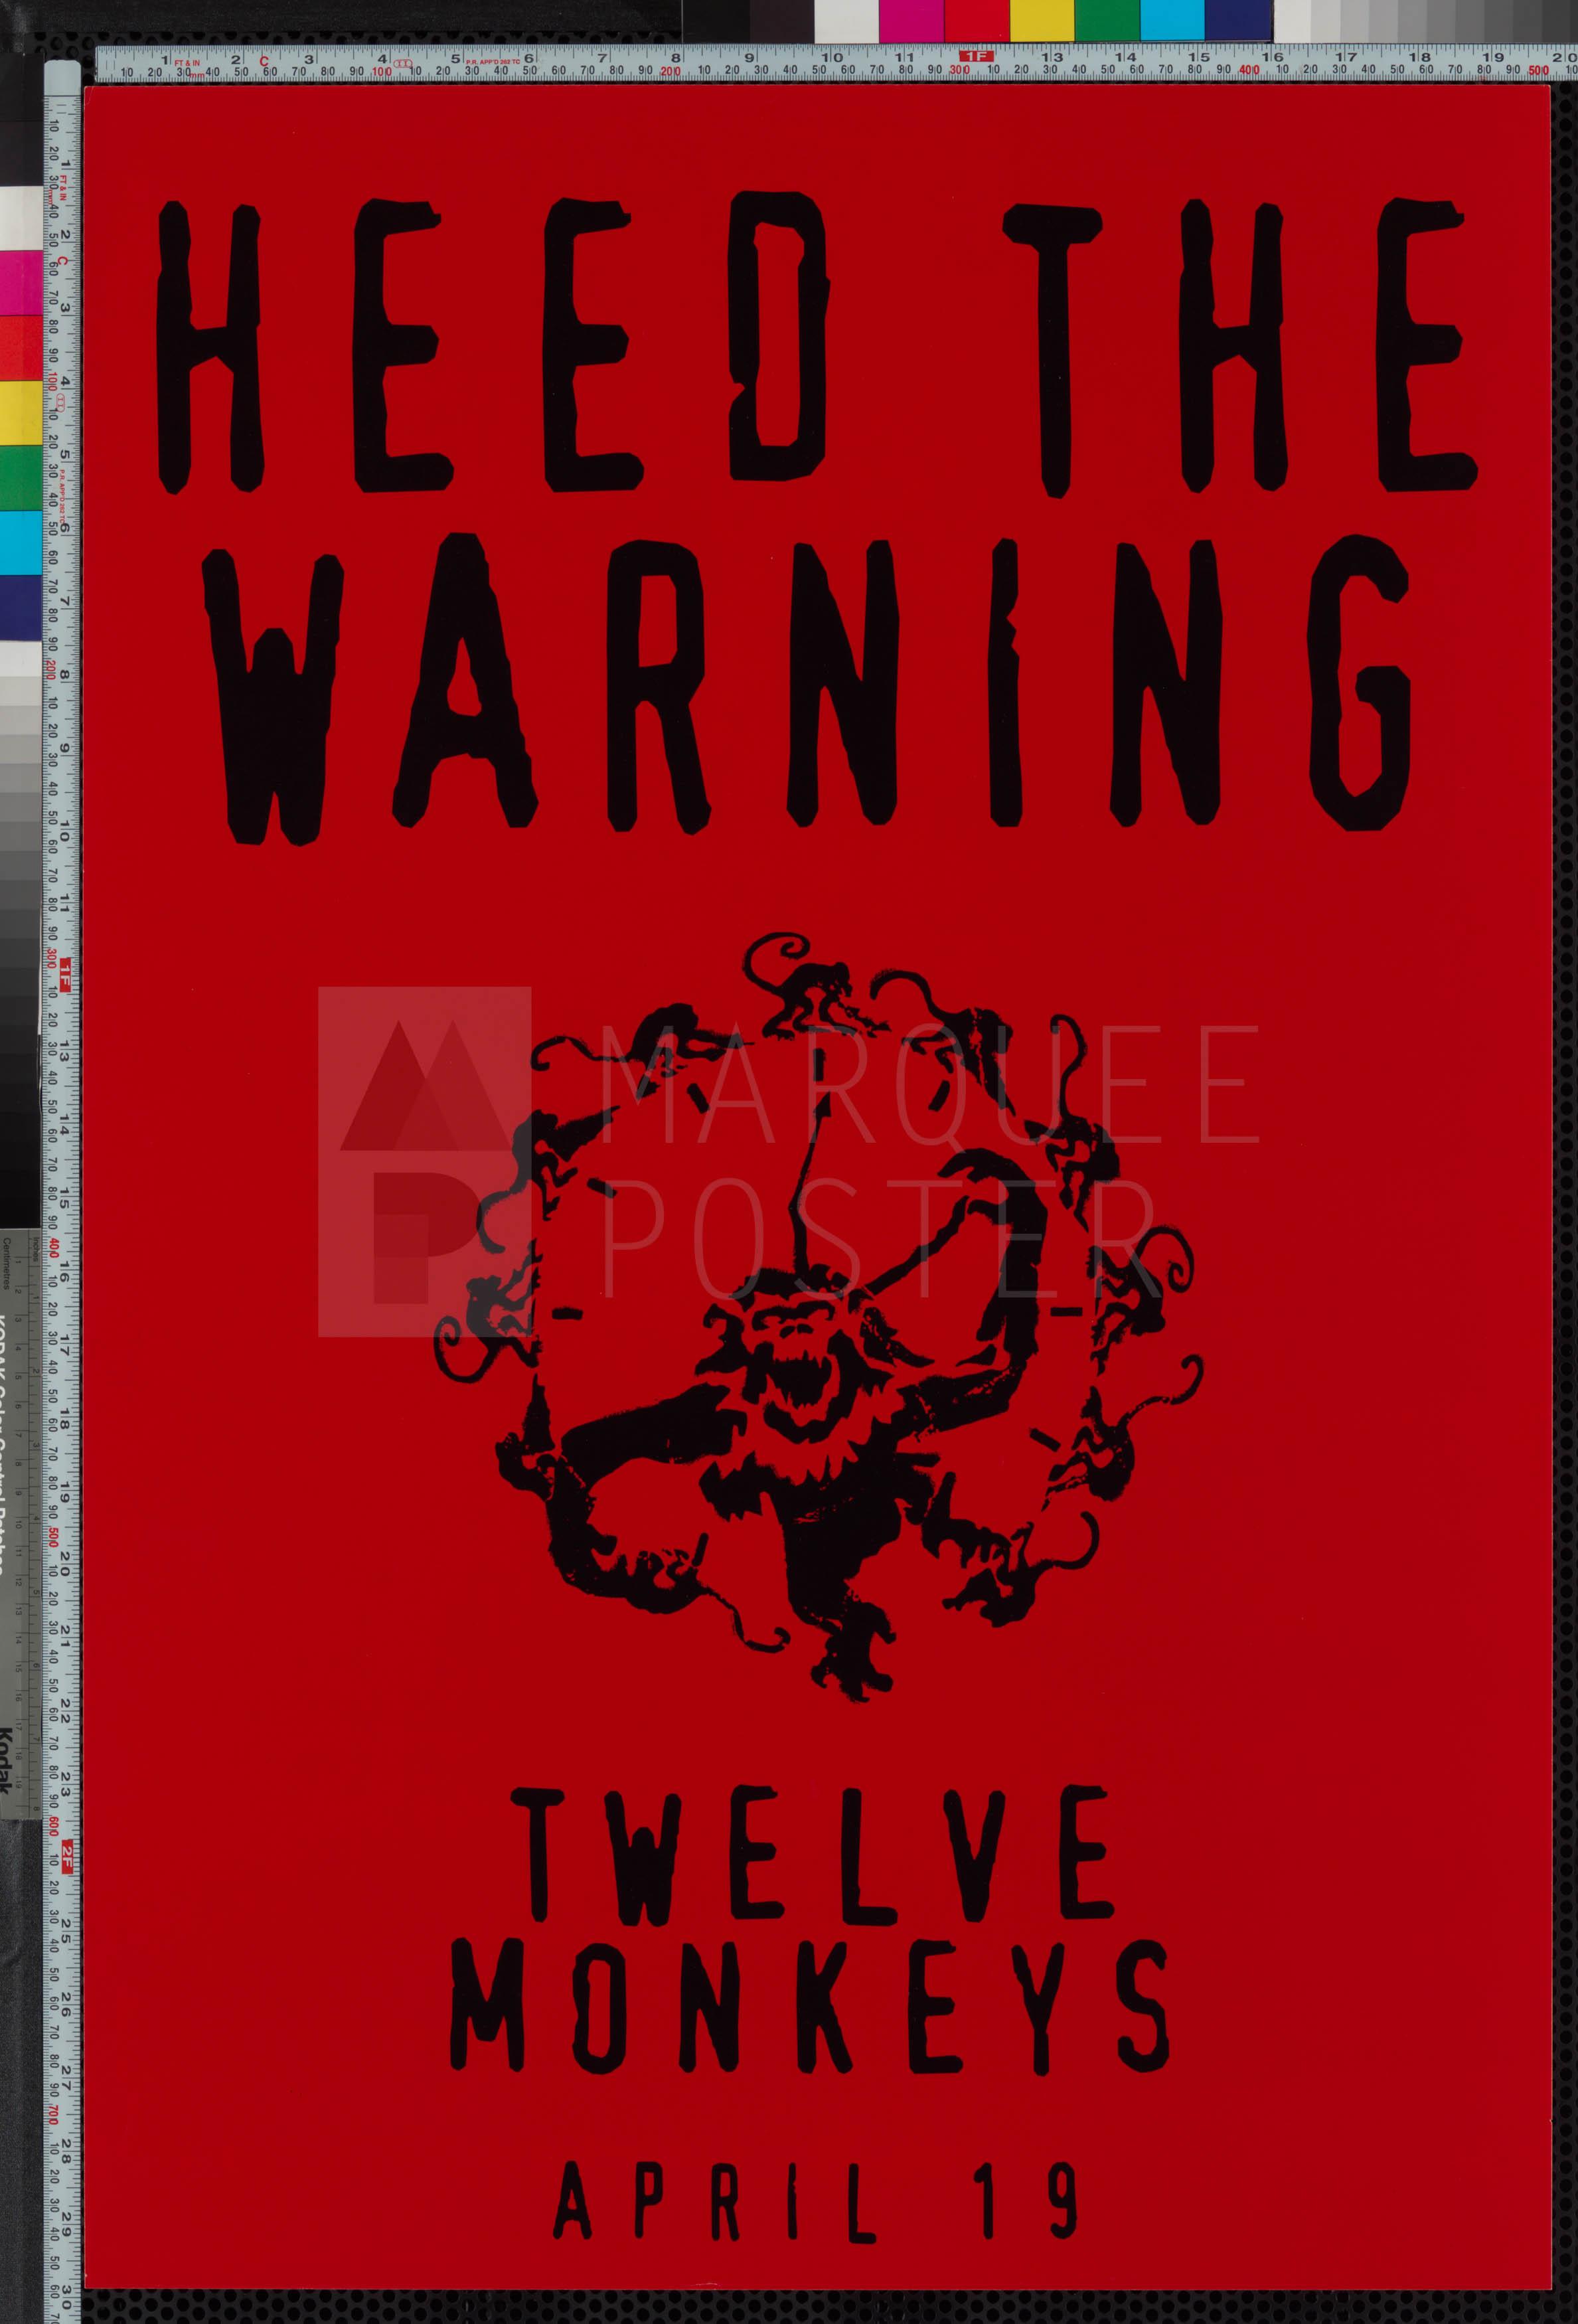 34-12-monkeys-heed-the-warning-teaser-uk-double-crown-1995-02